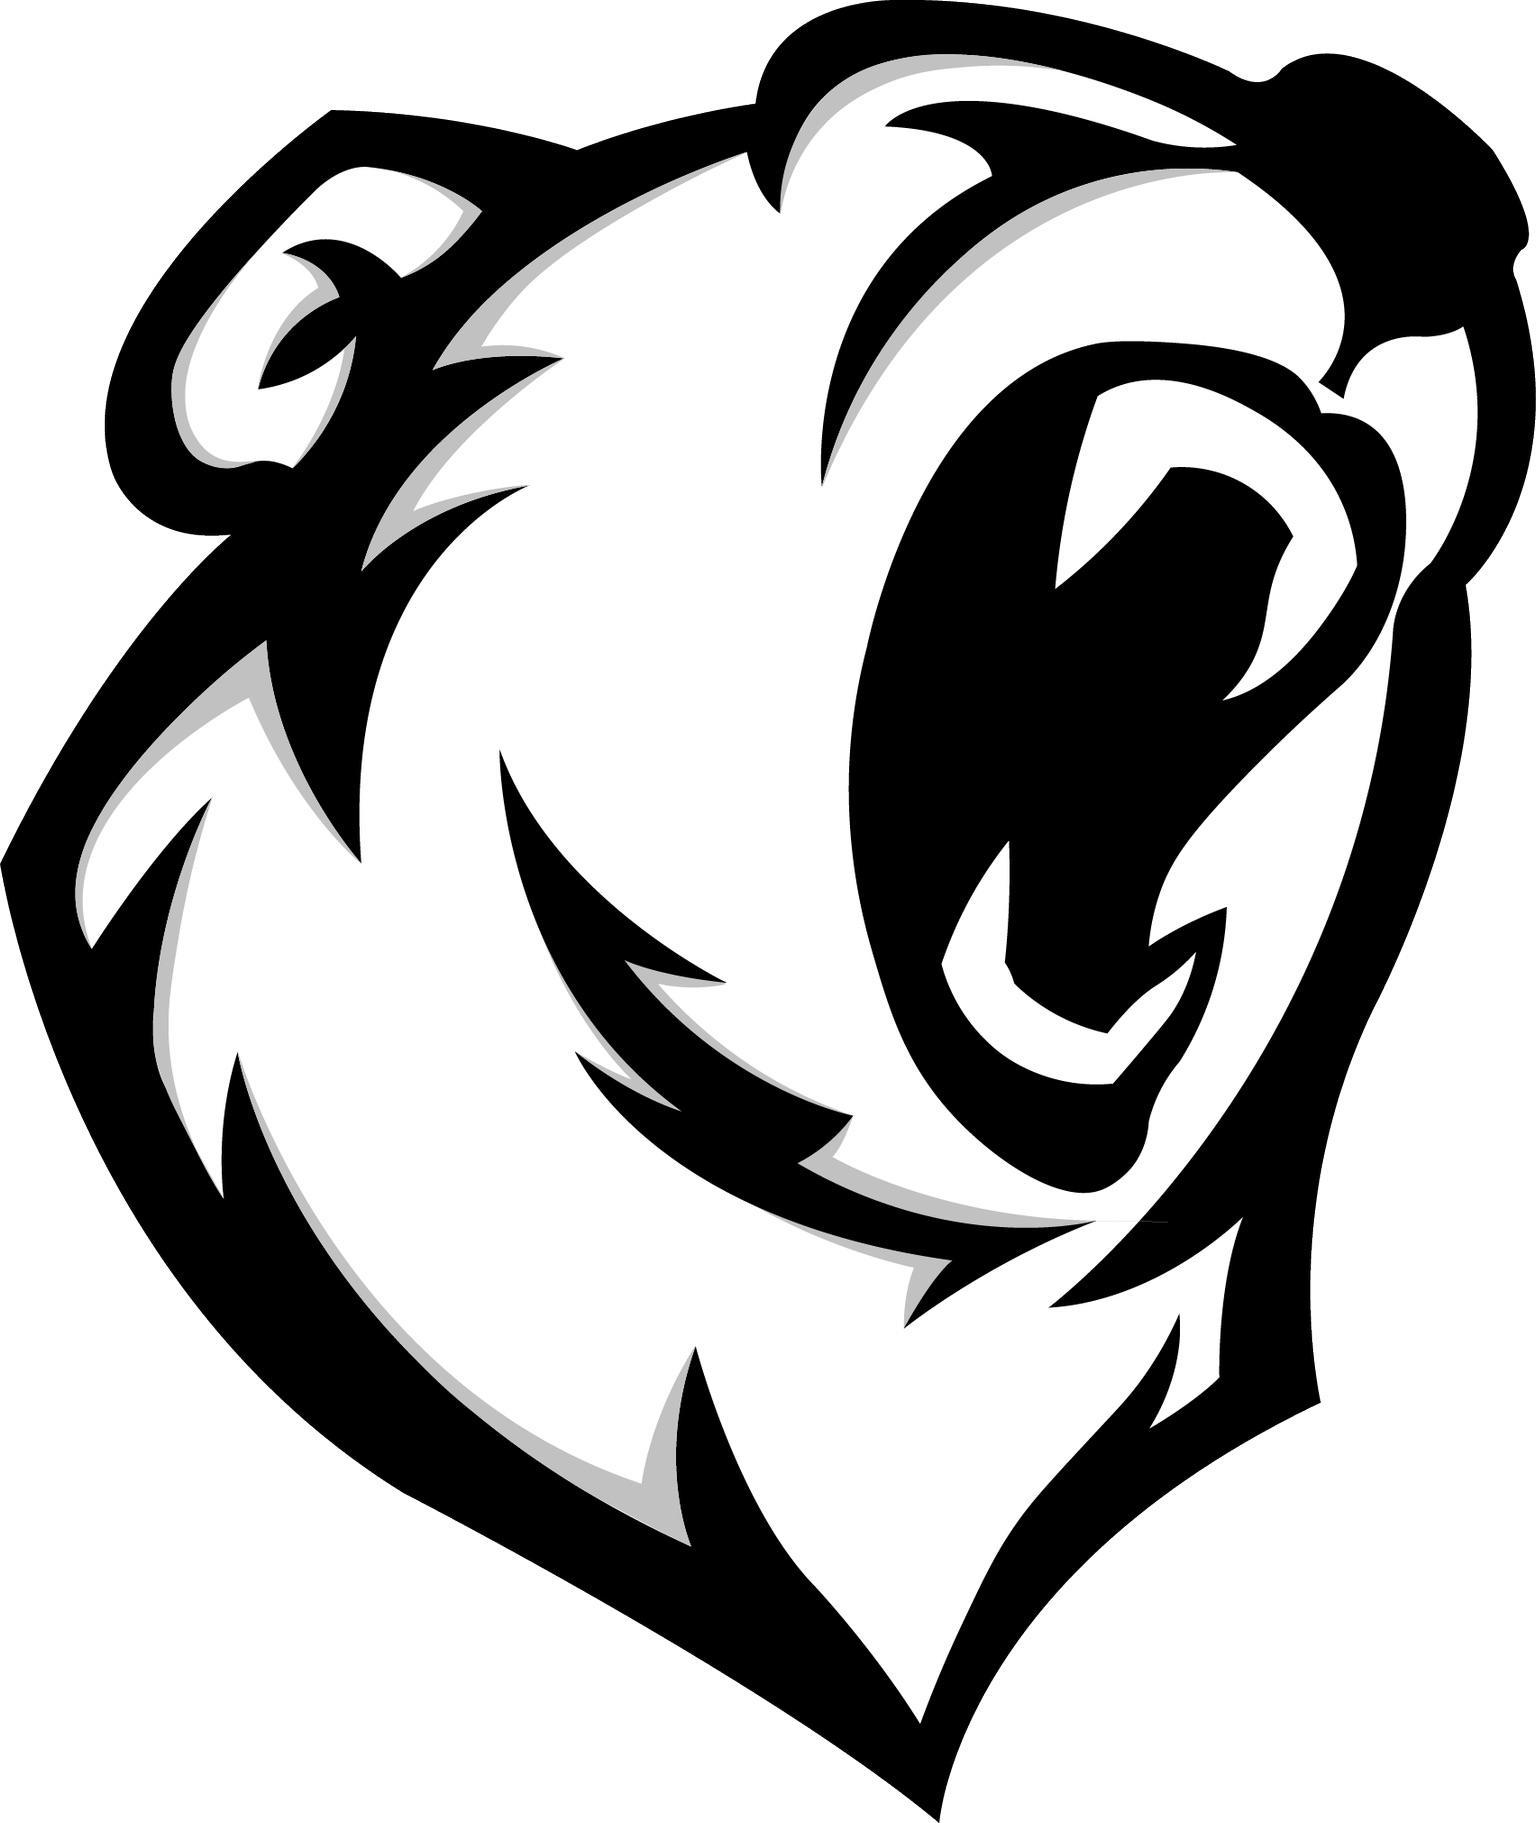 Bear Mascot Clipart Free Download Clip Art.